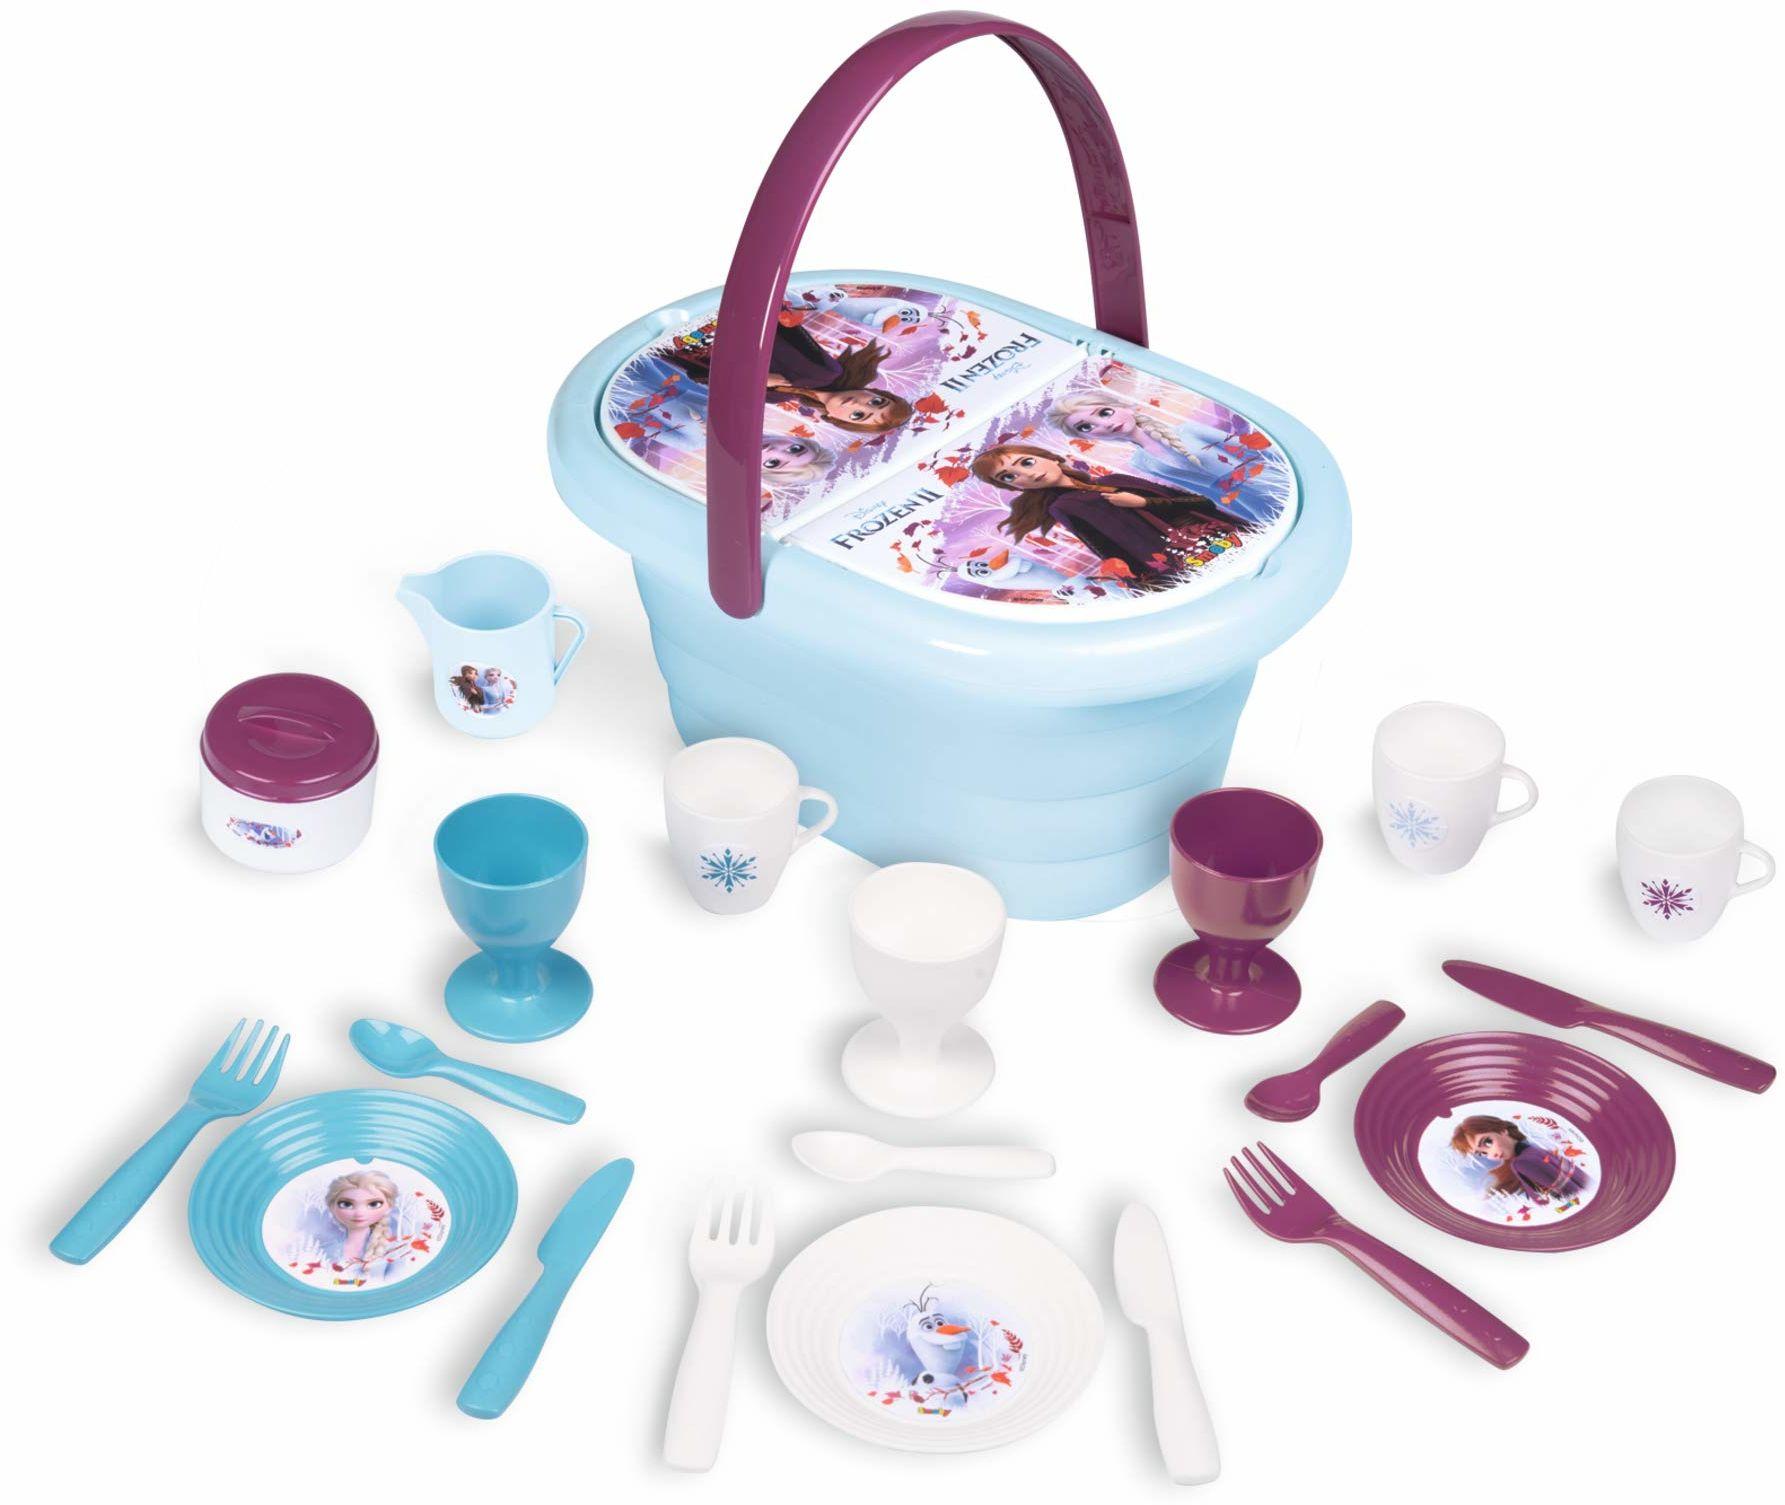 Disney 310511 ''Frozen 2 dzieci ładny kosz piknikowy ze składaną pokrywą plus 20 kolorowych akcesoriów Wiek 3 i góry, Panier Pique Nique